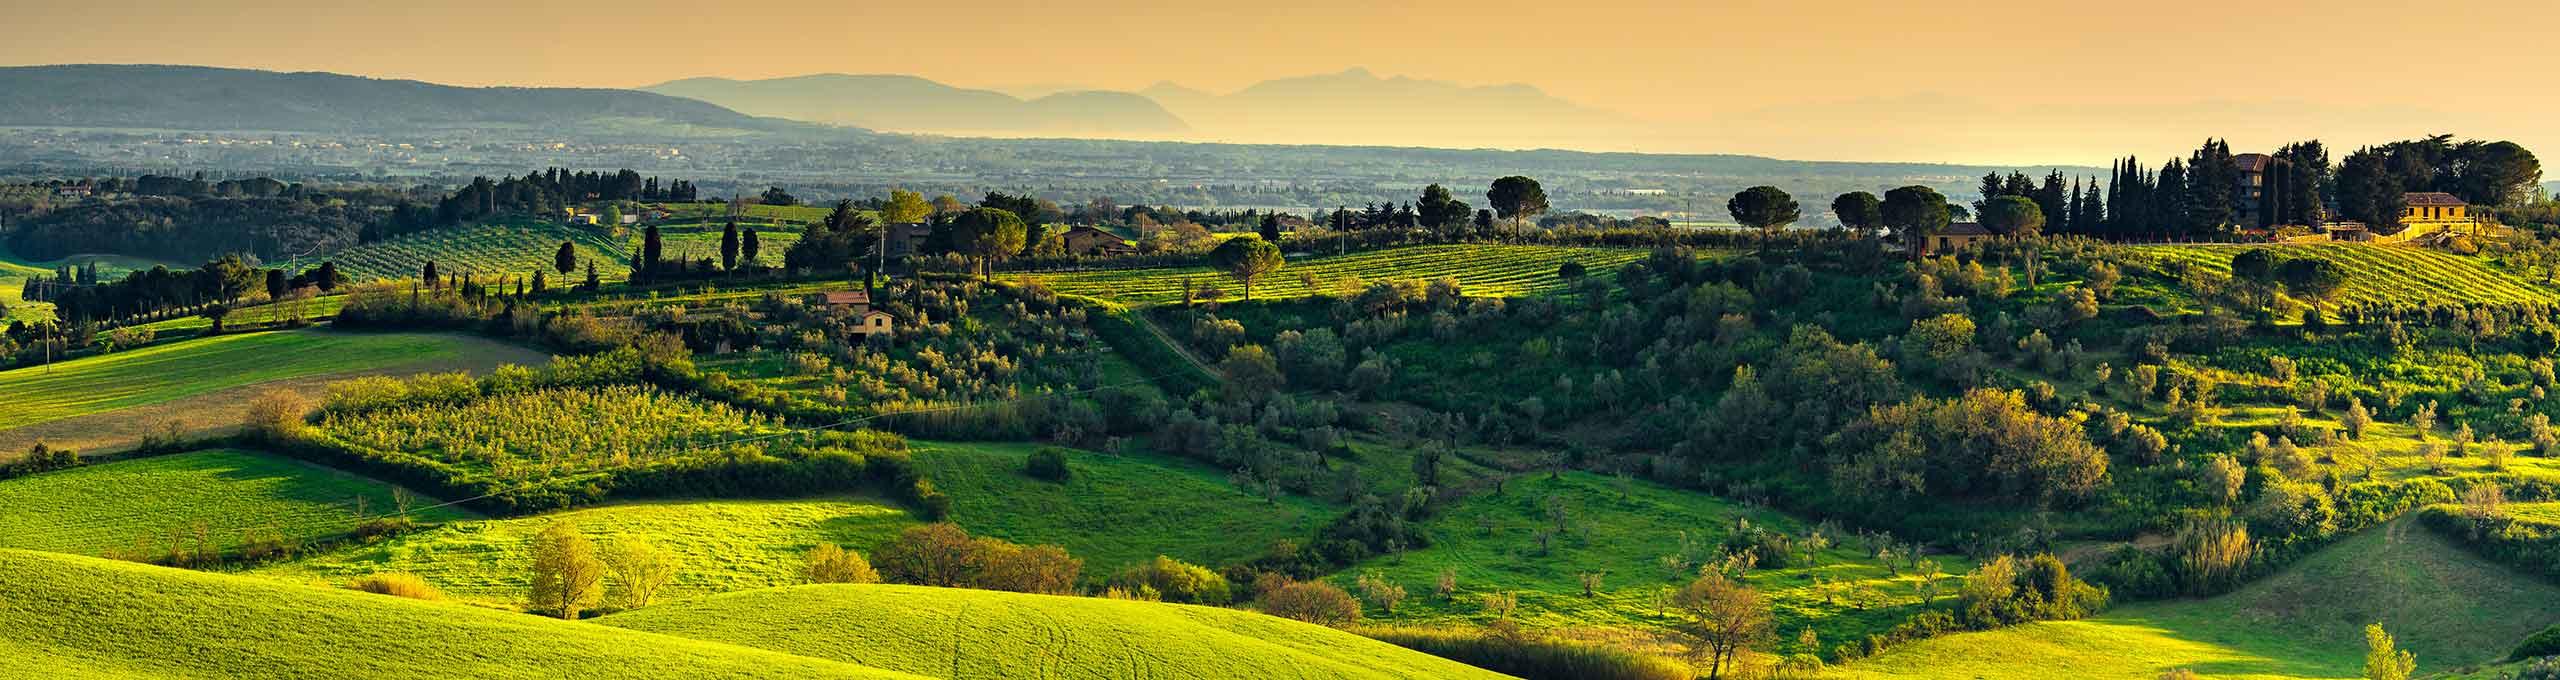 Bibbona, Costa degli Etruschi